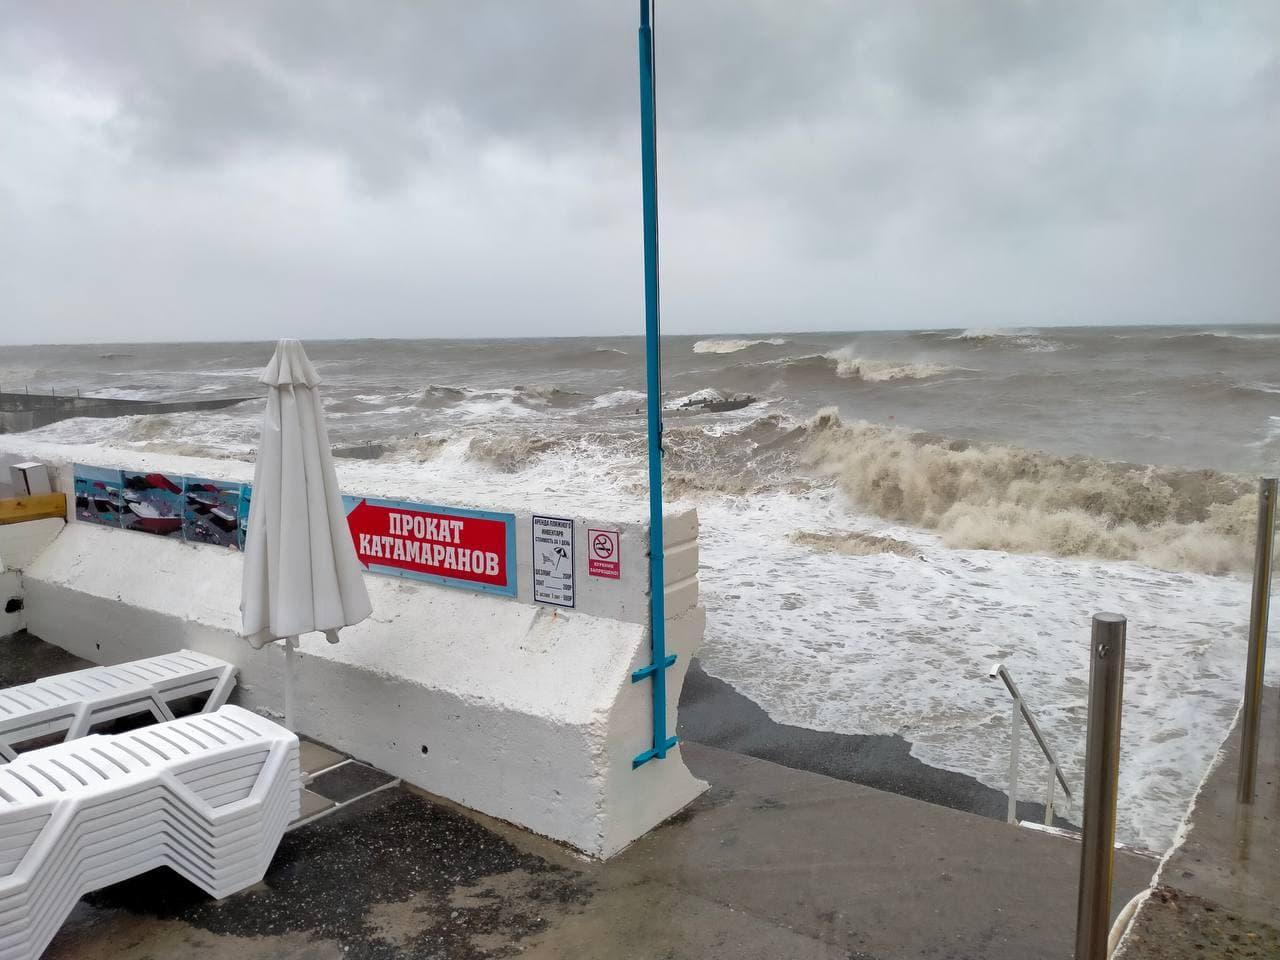 Разрушительный шторм в Сочи сорвал пляжный отдых астраханцев